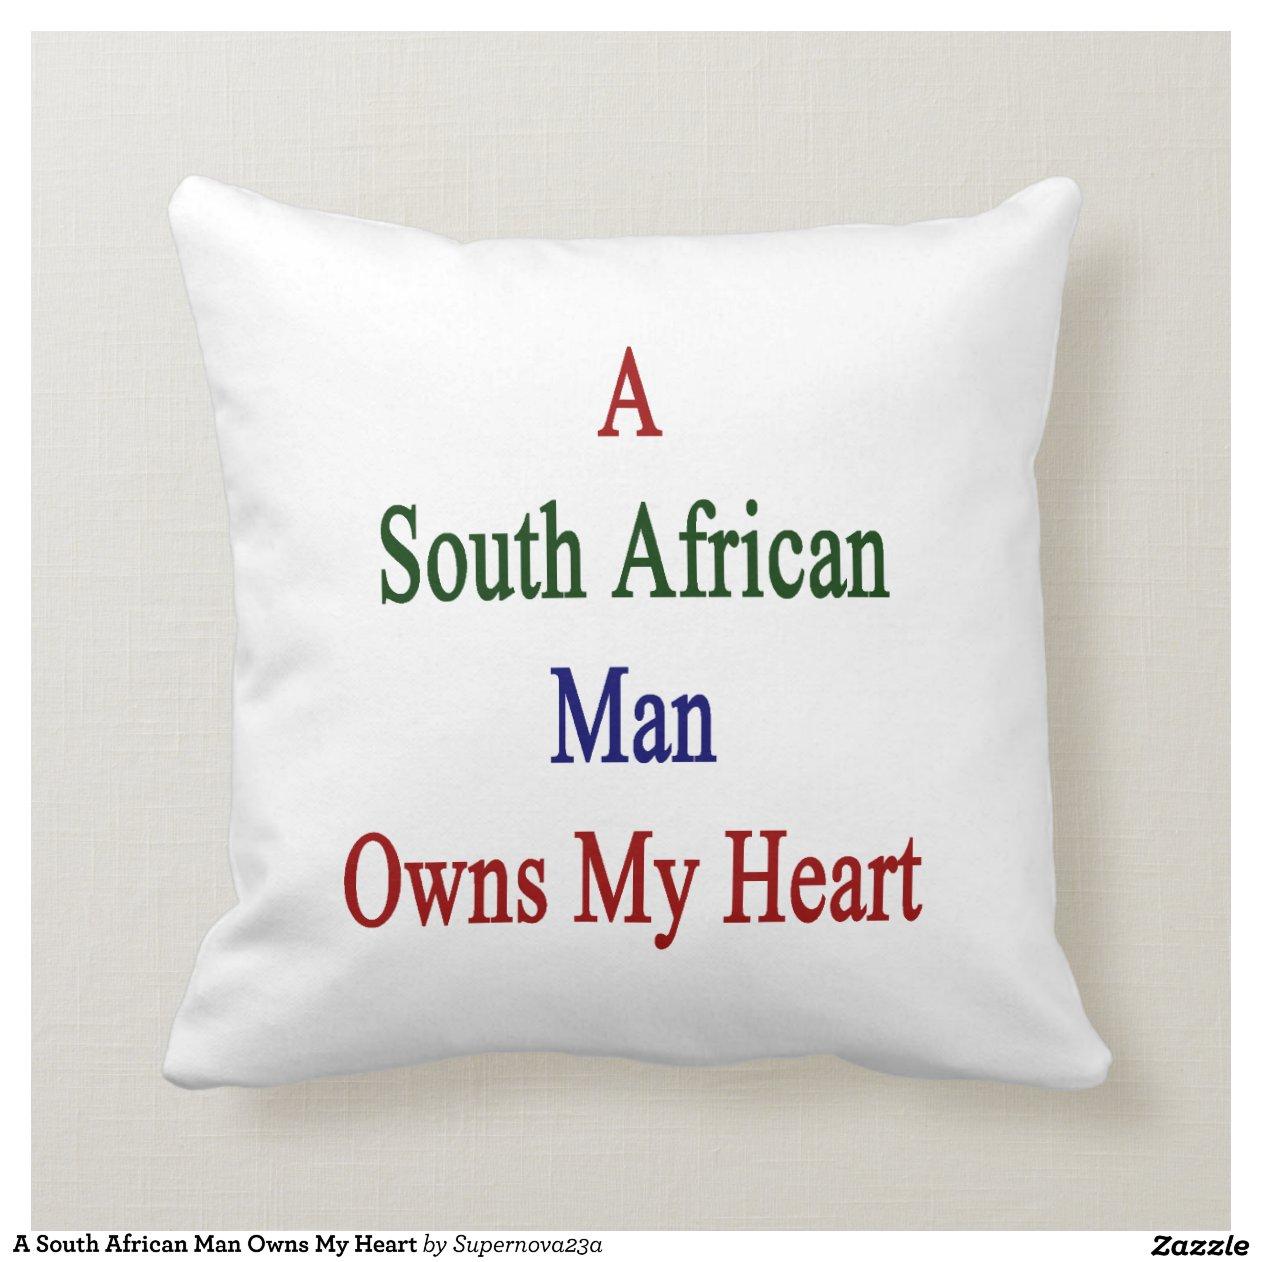 un homme sud africain poss de mon coeur coussin d coratif zazzle. Black Bedroom Furniture Sets. Home Design Ideas